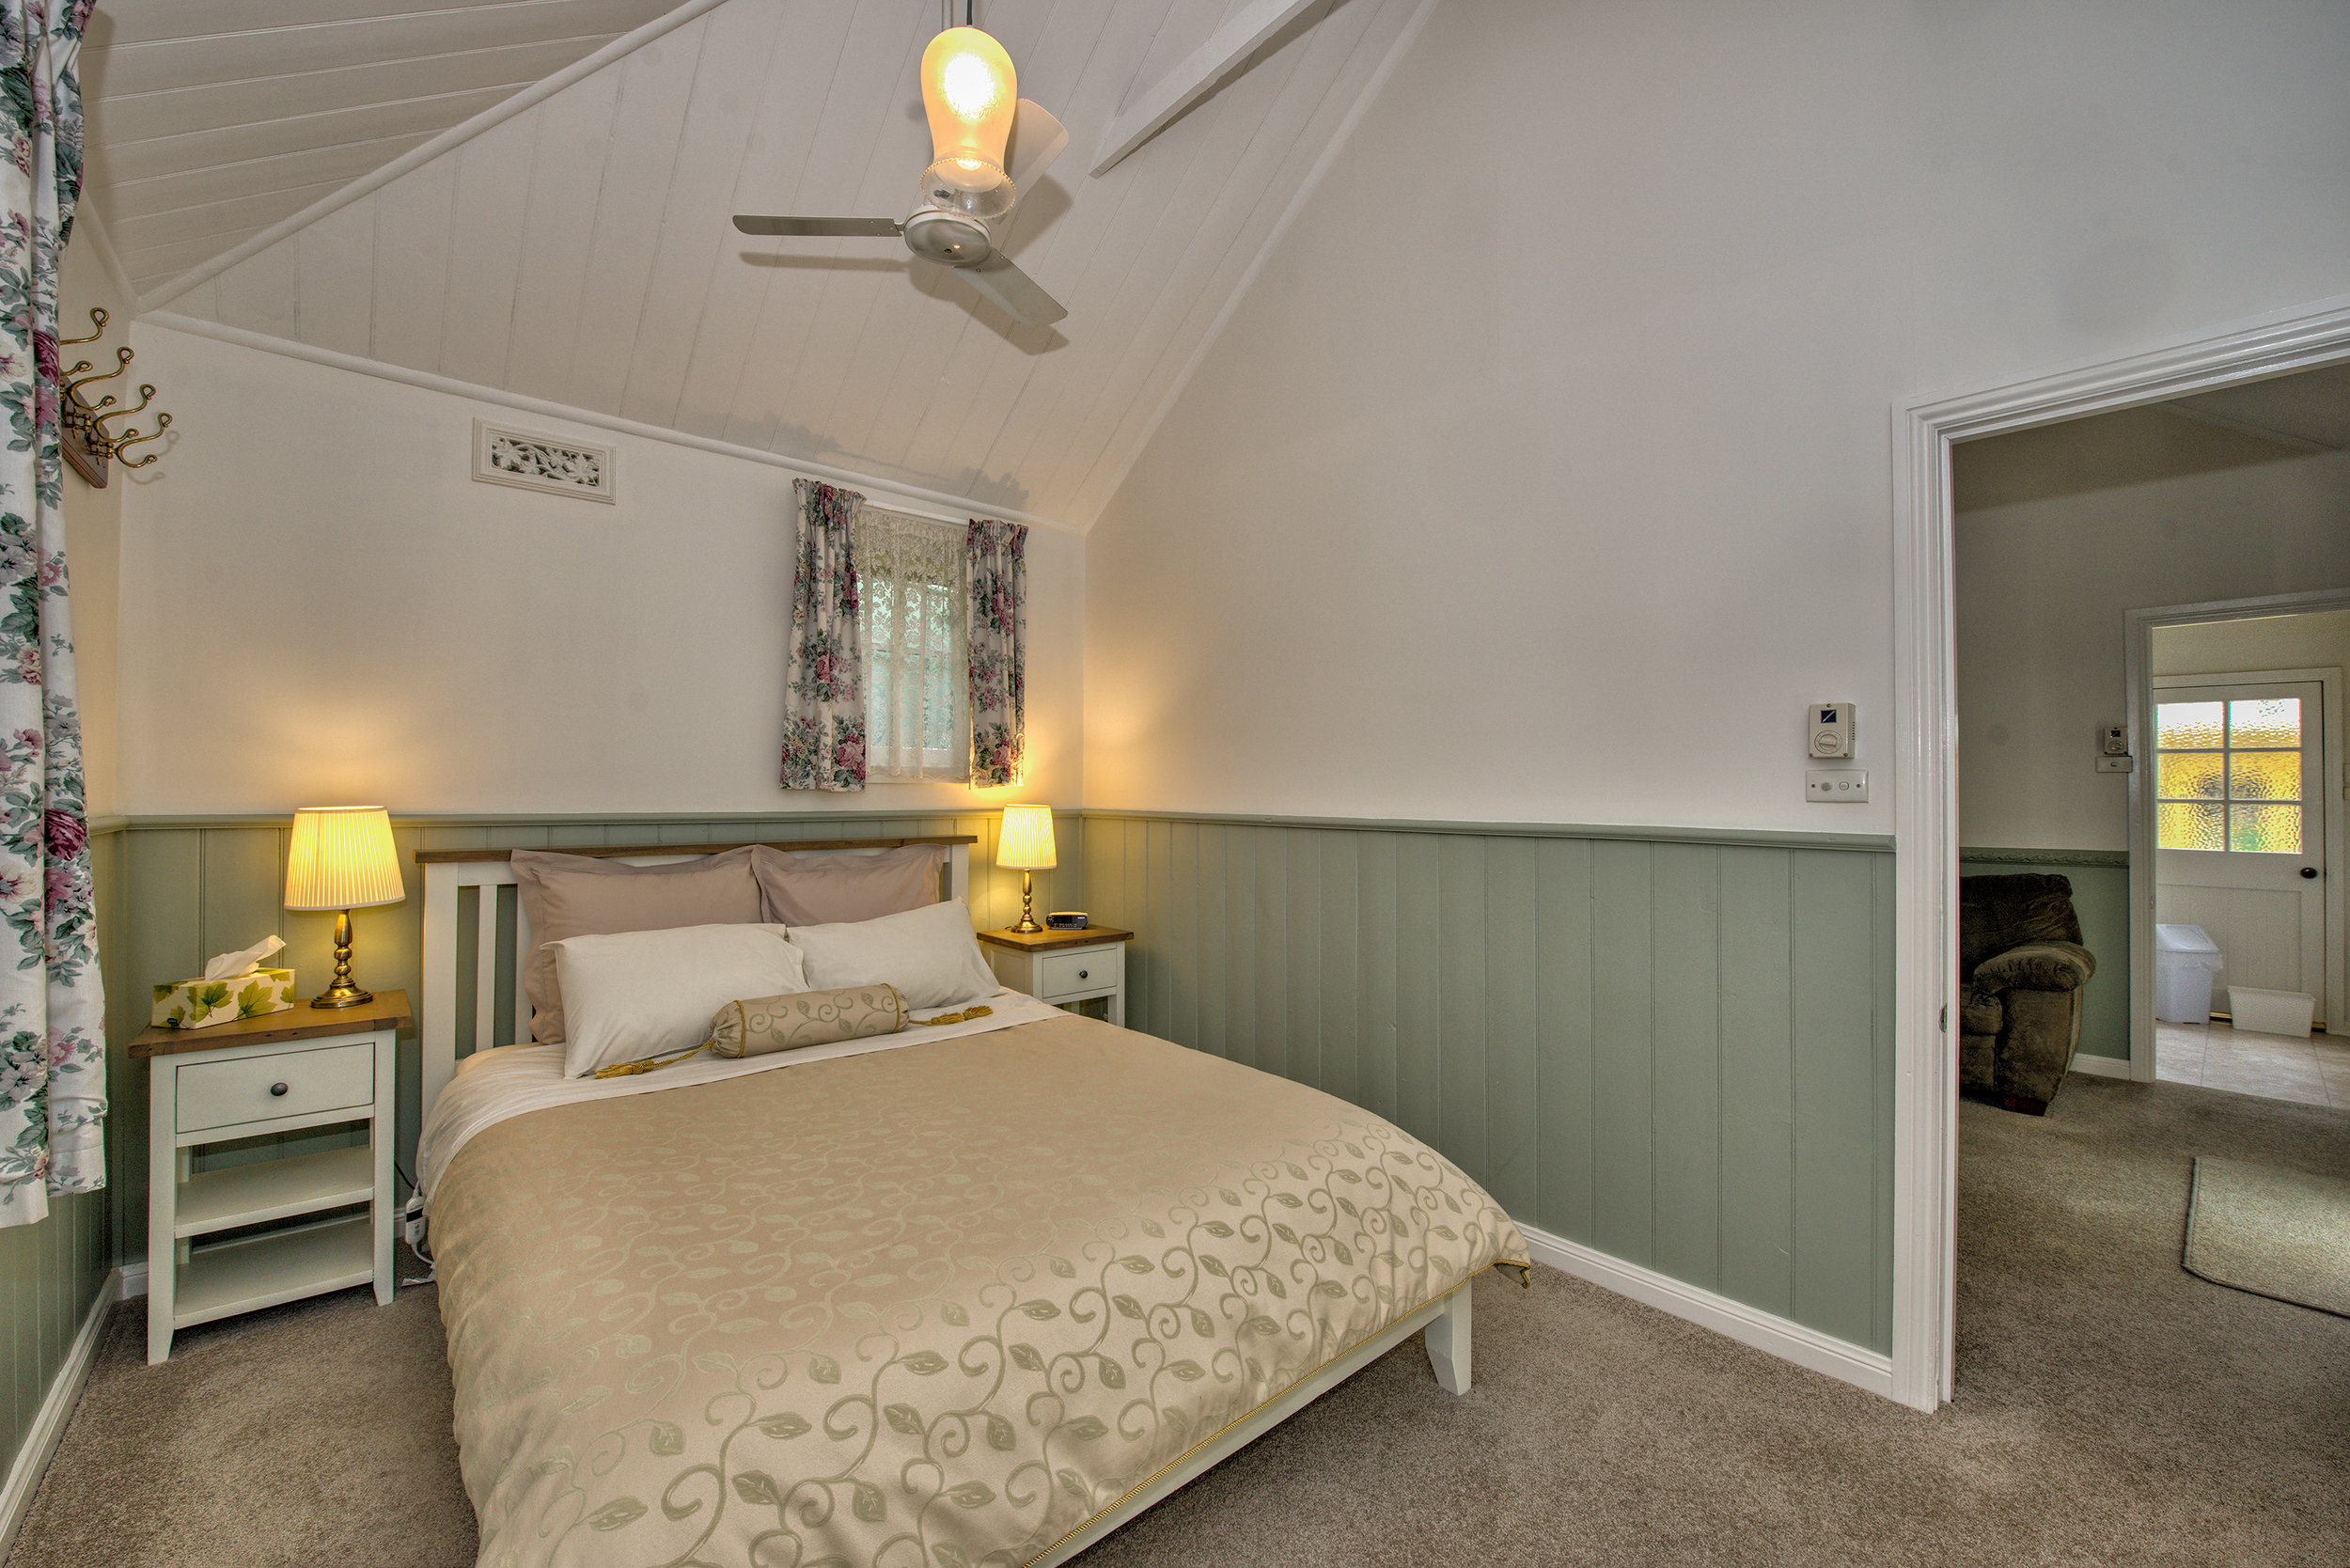 Hyacinth-Bedroom-2 (1).jpg